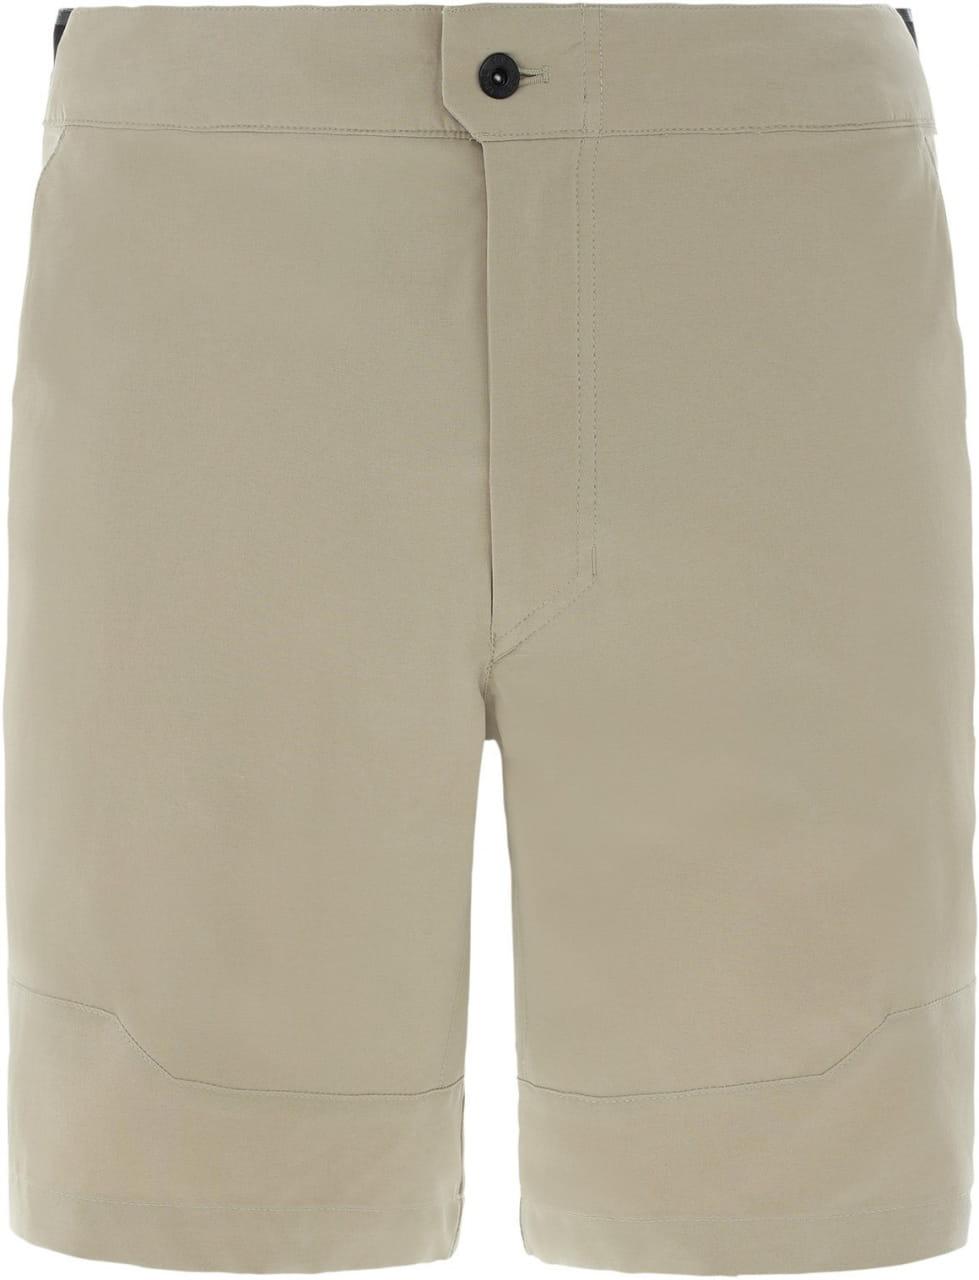 Shorts The North Face Men's Paramount Active Shorts